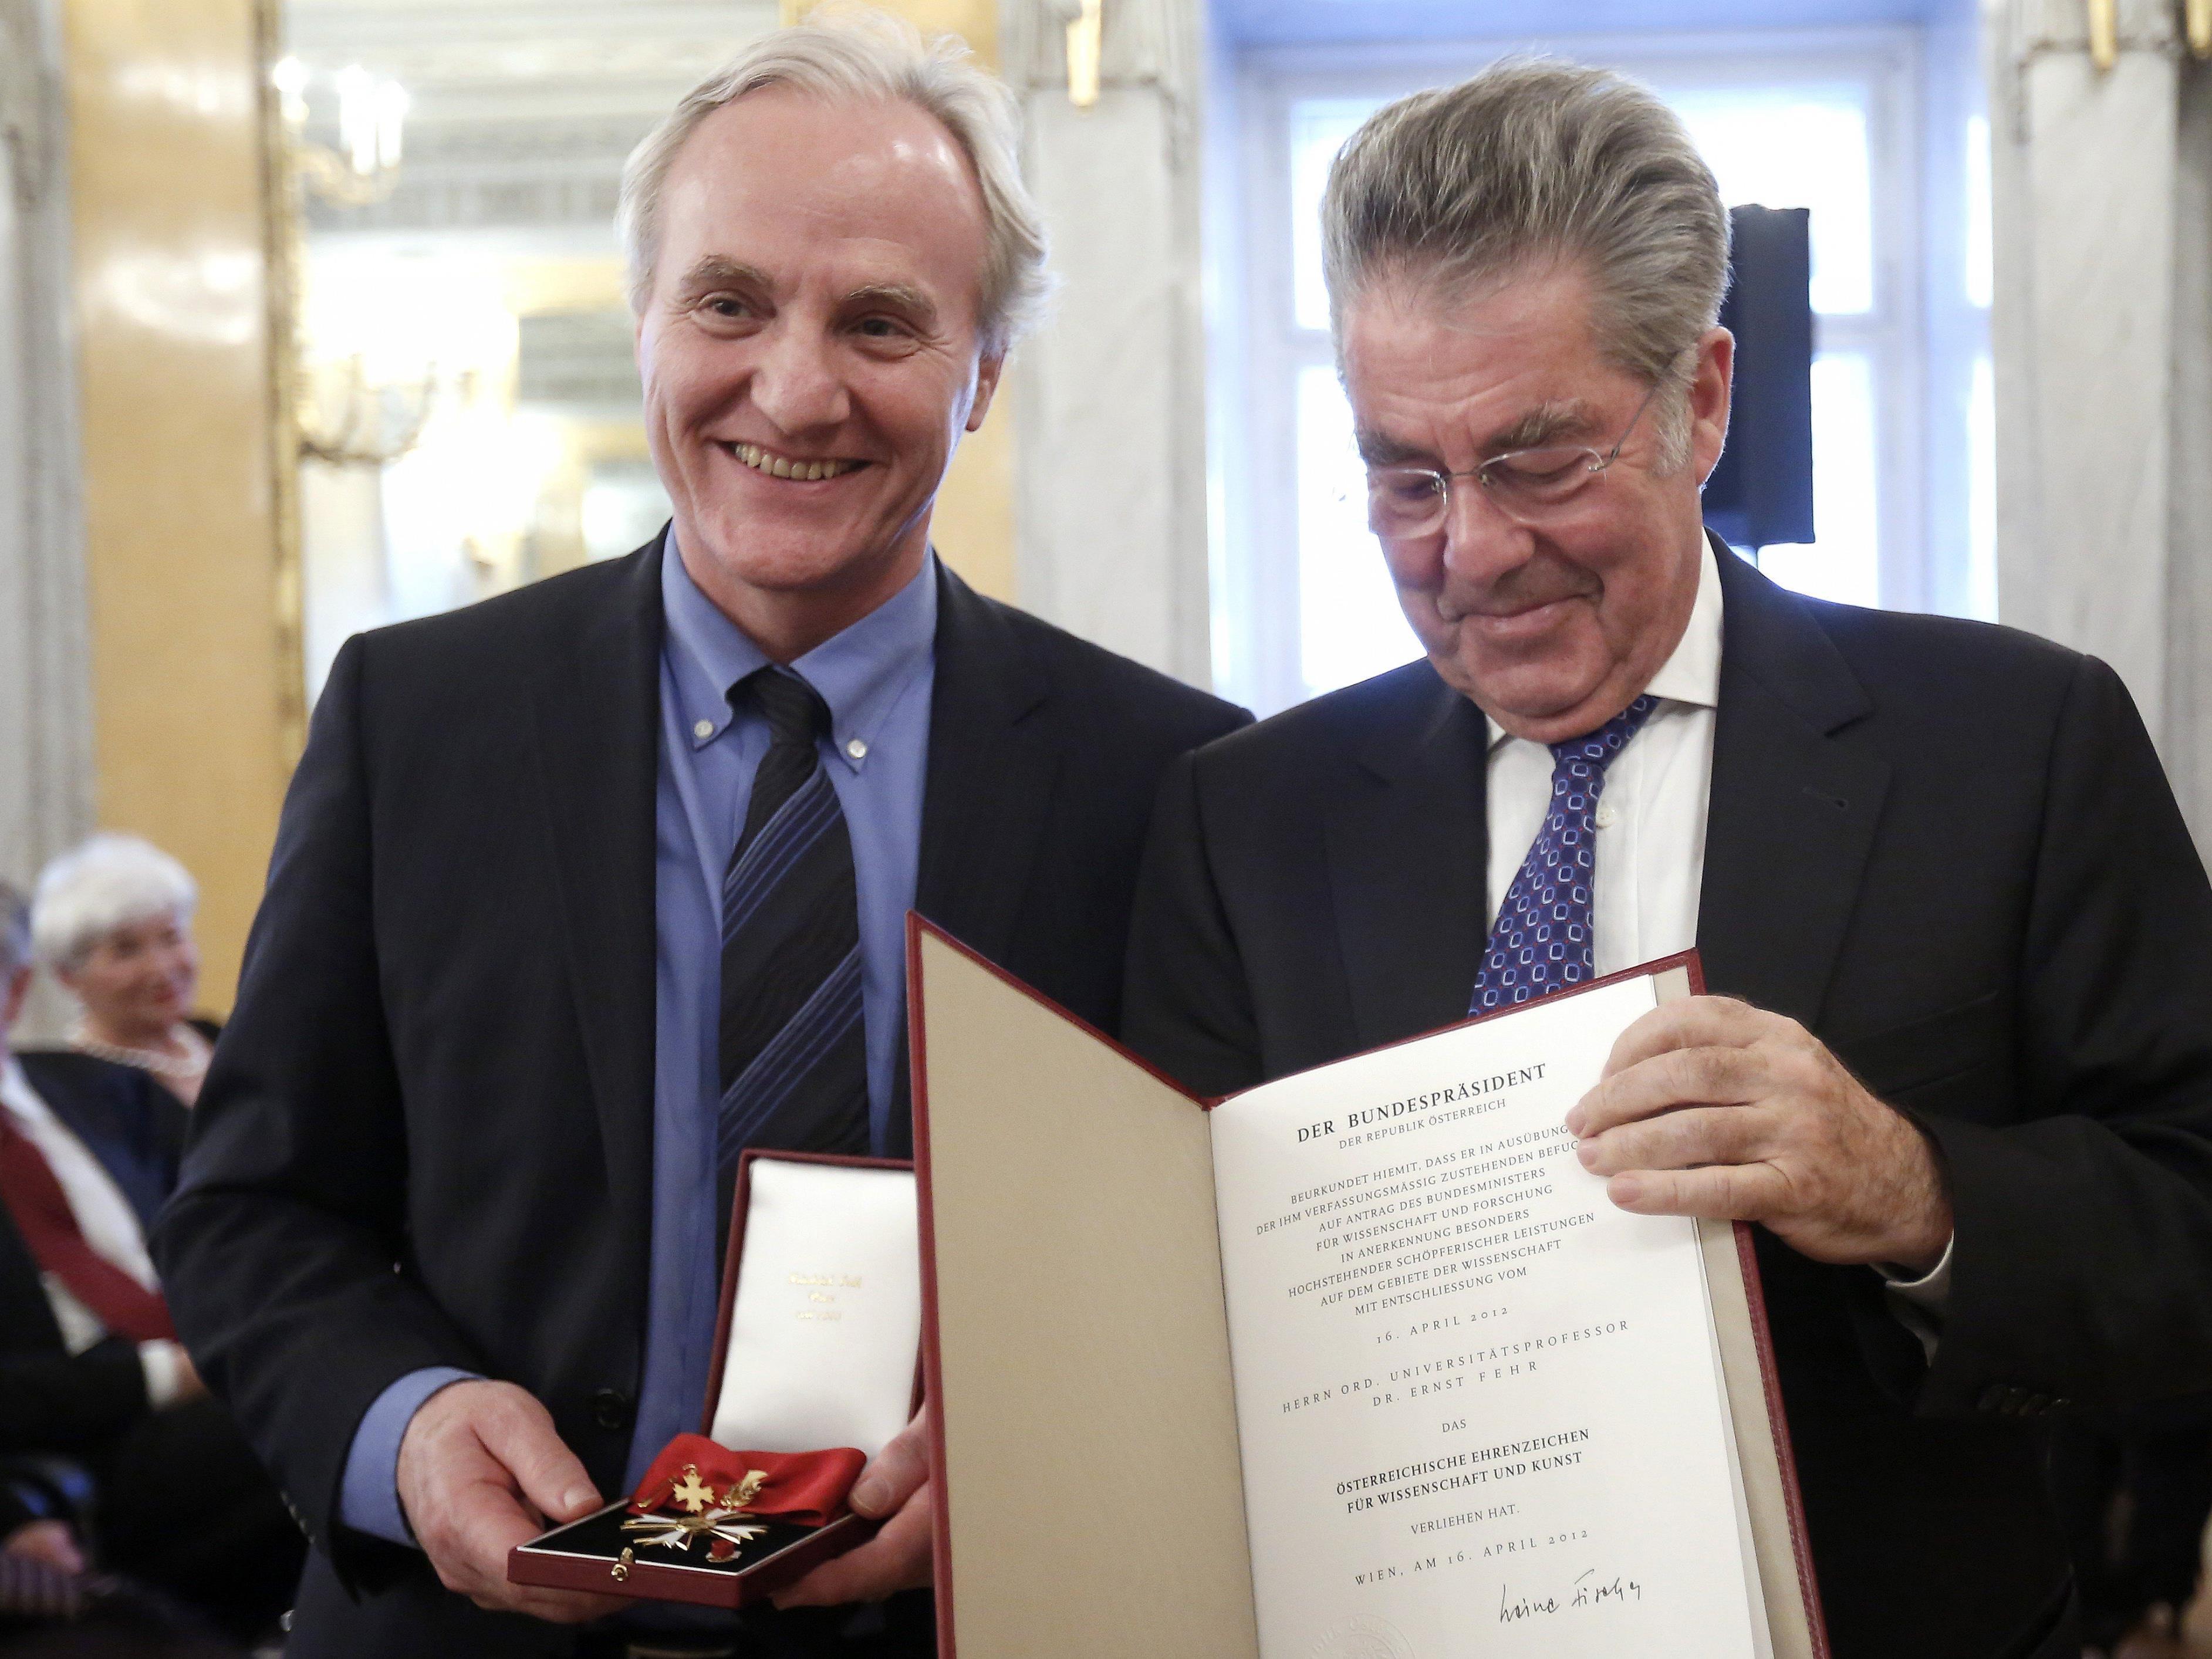 Ernst Fehr bei der VErleihung des Österreichischen Ehrenzeichens durch Bundespräsident Fischer im Jahr 2012.